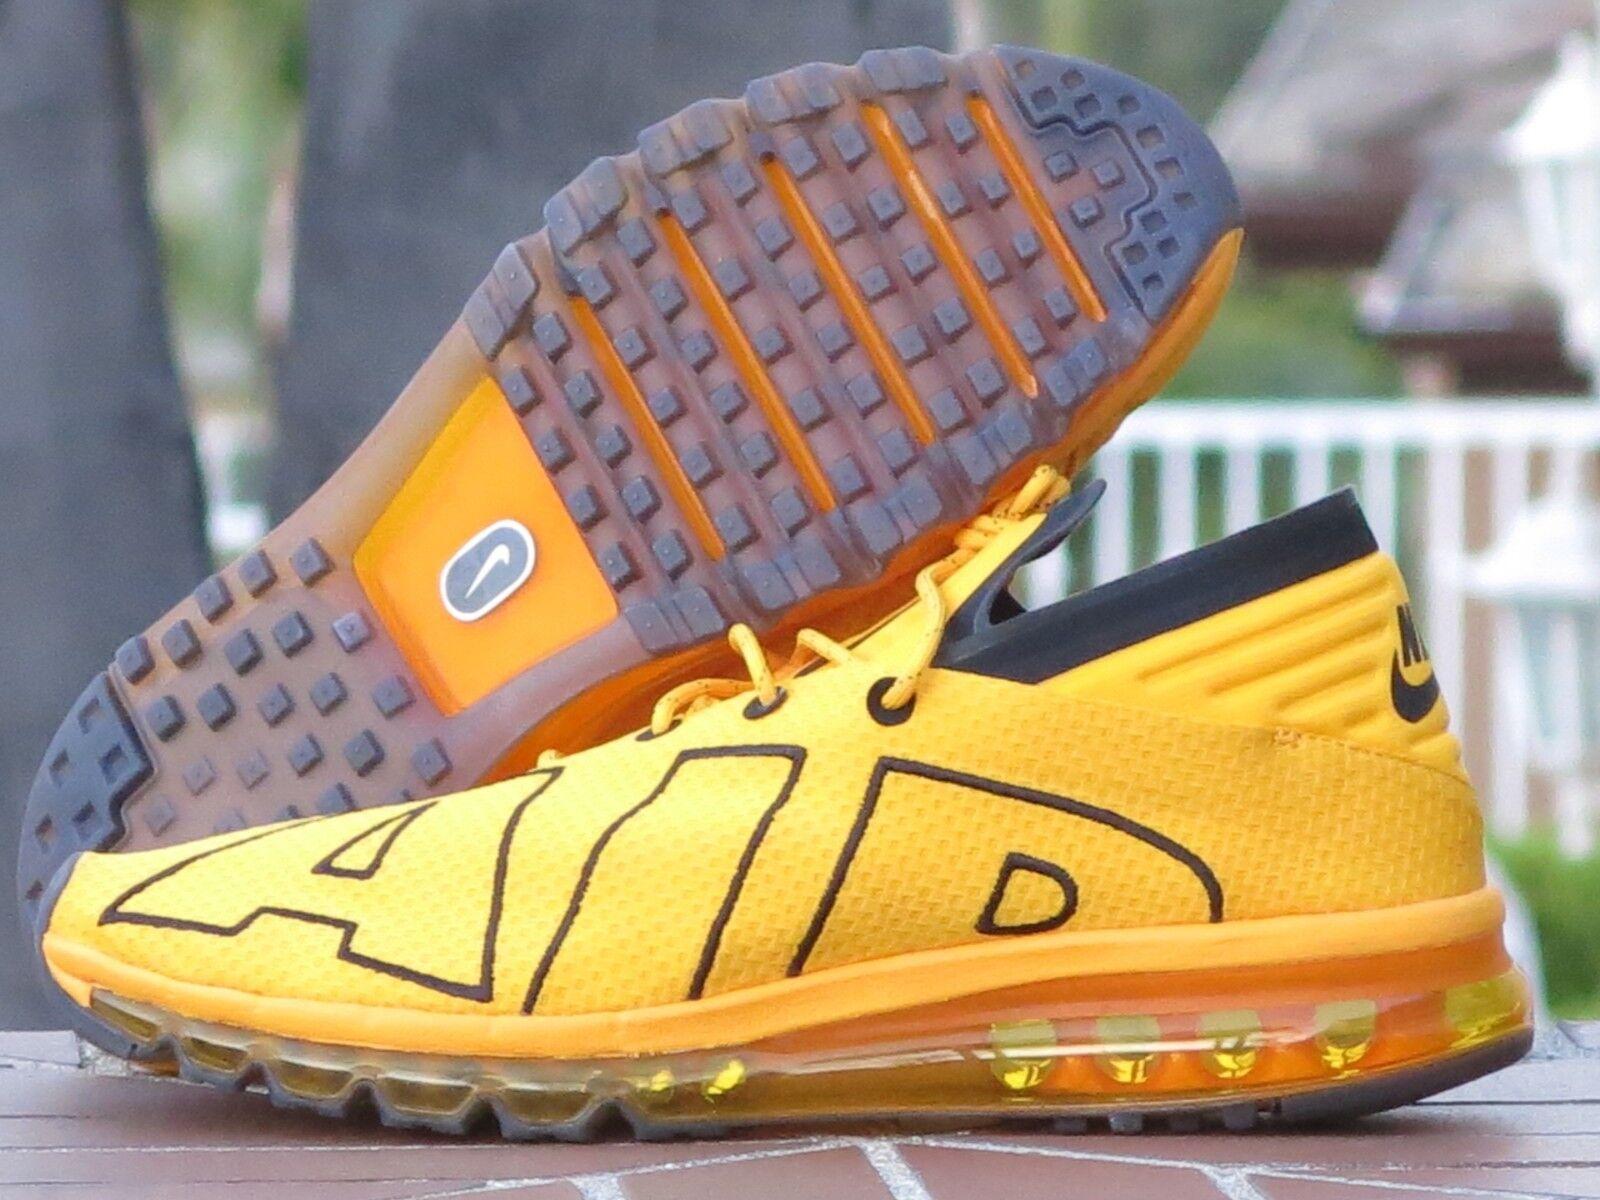 Nike Air Max Flair Men's Athletic Sneakers 942236-700